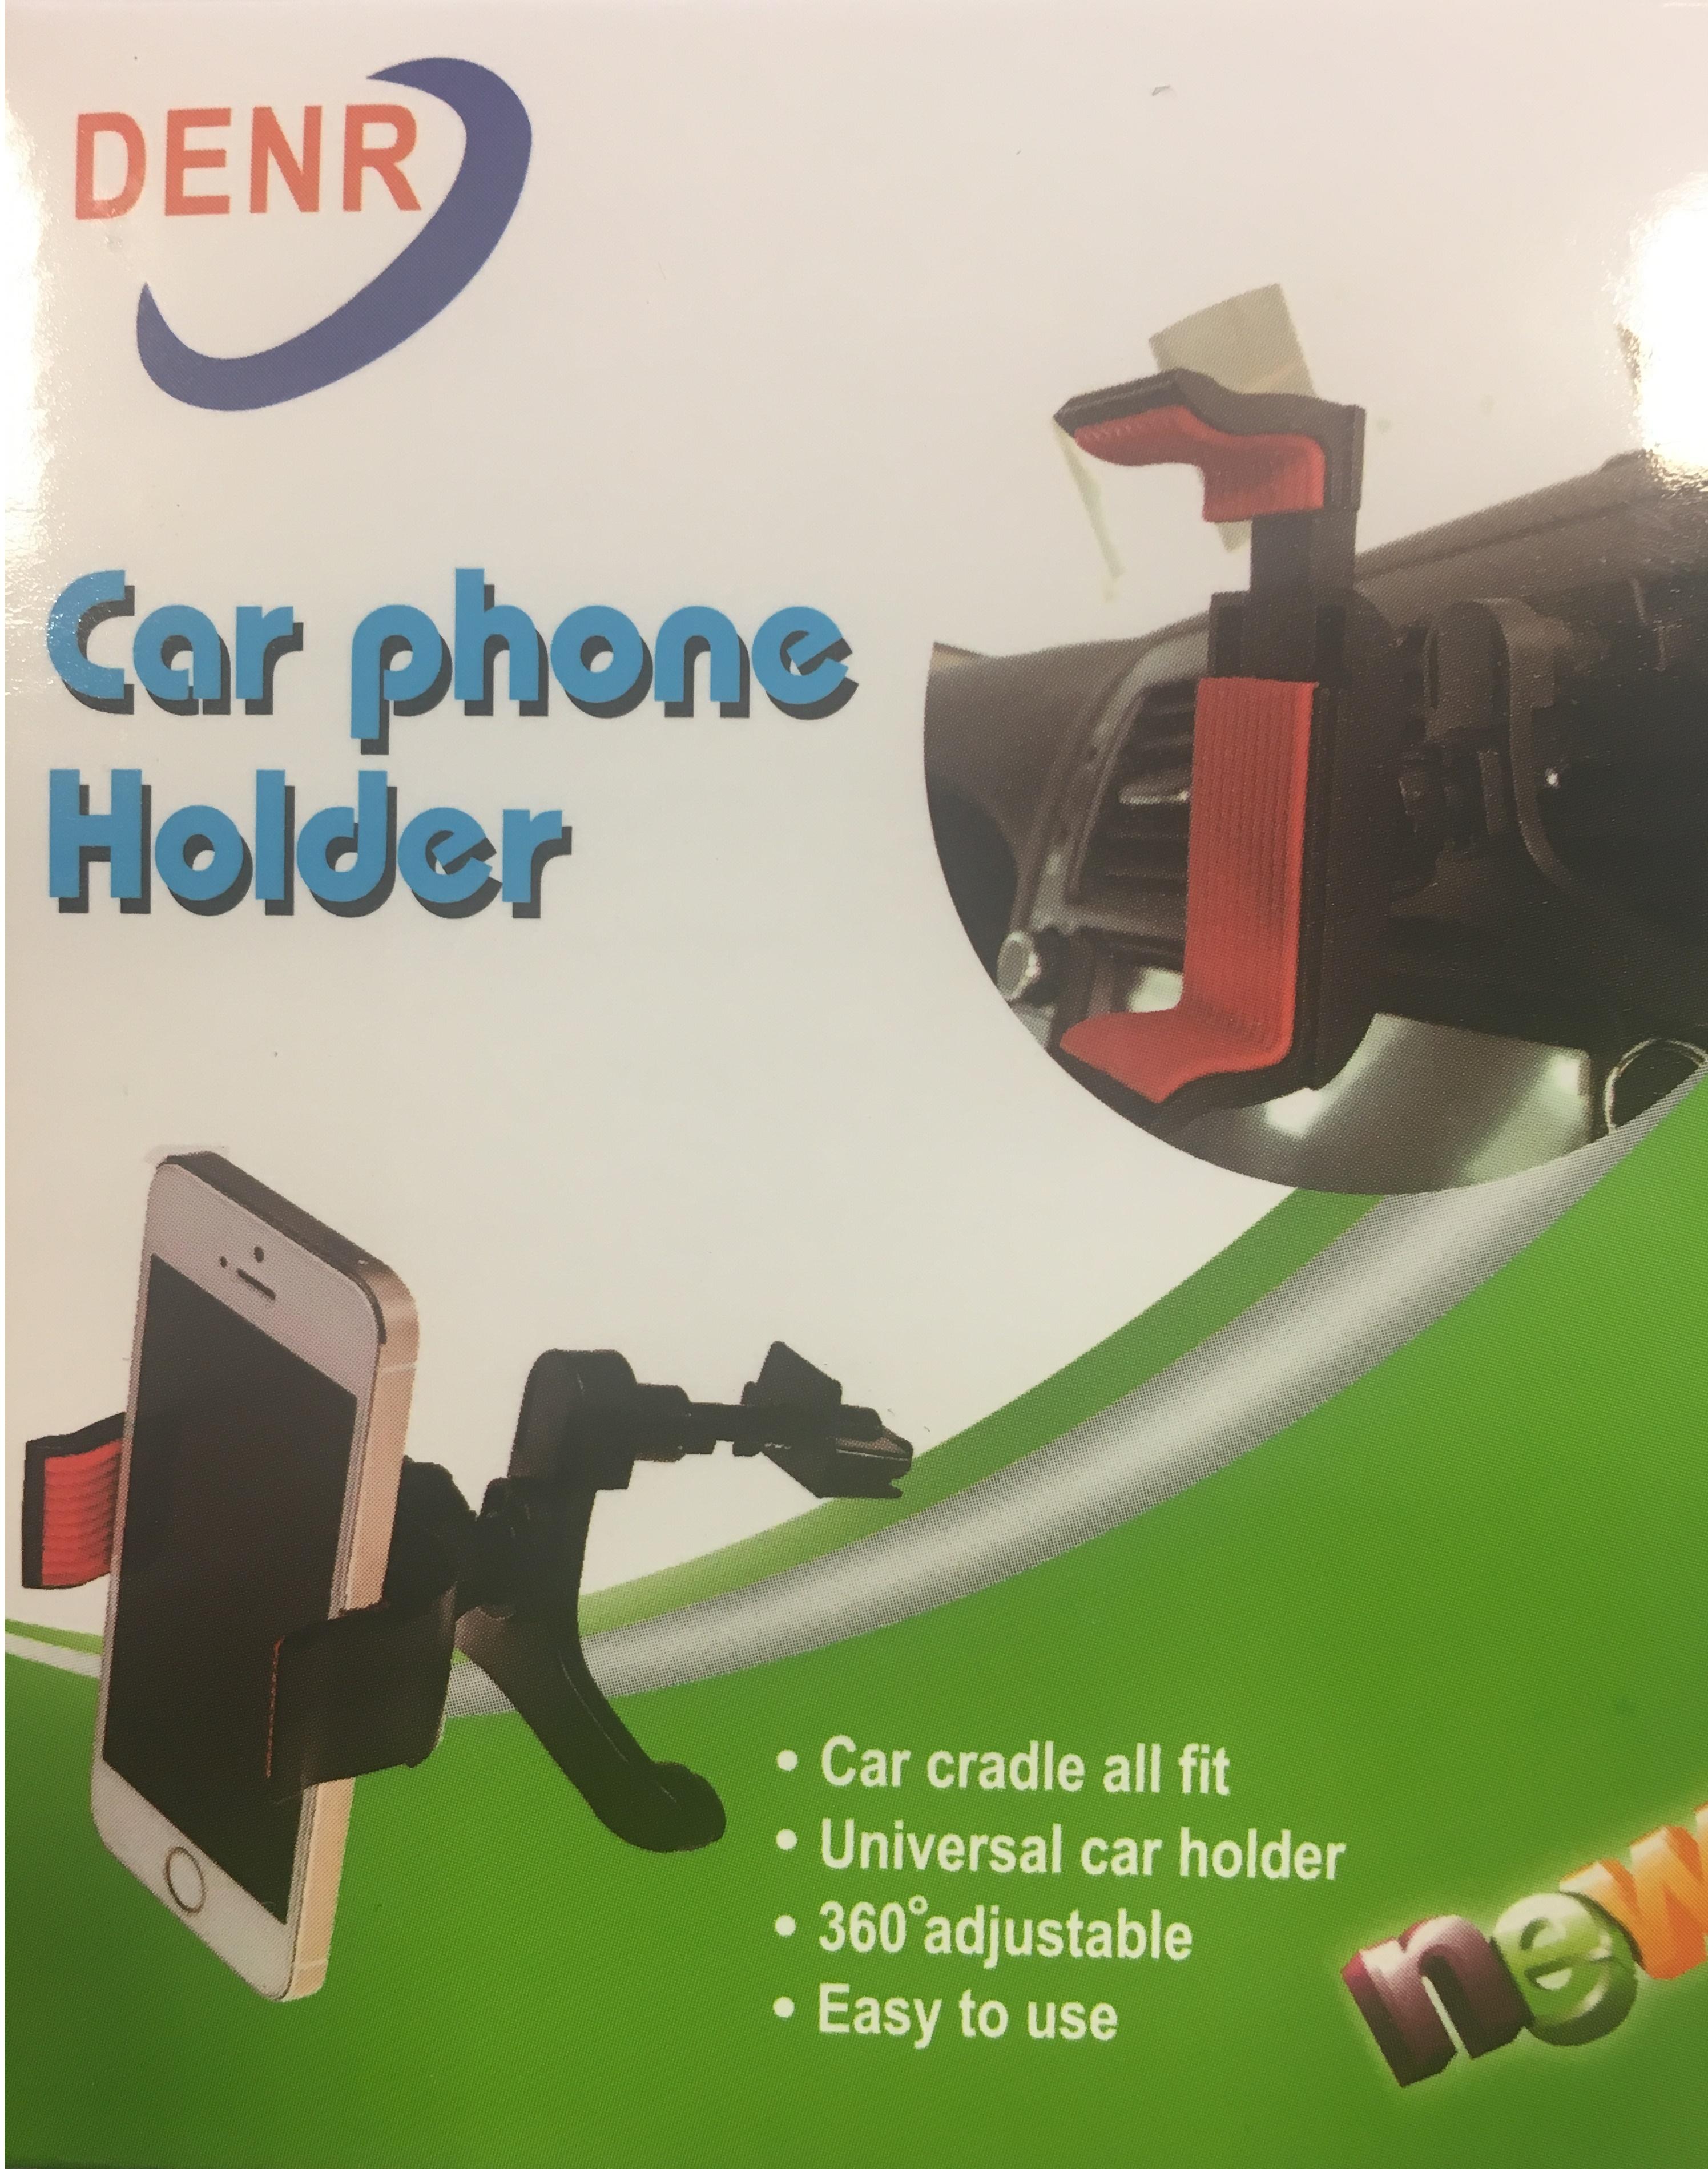 Držák mobilu do mřížky ventilace, 0675